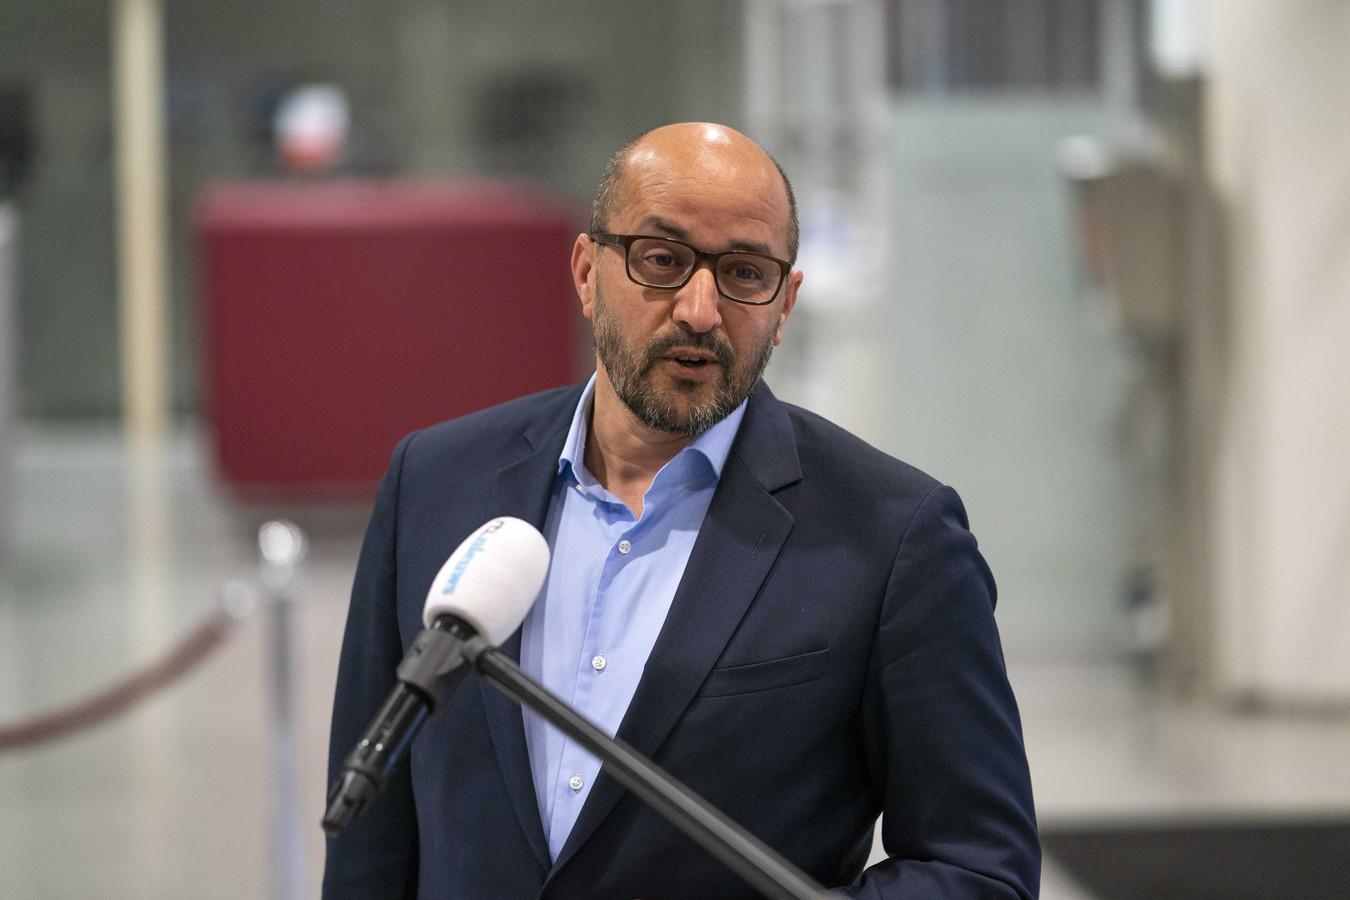 Ahmed Marcouch, burgemeester van Arnhem en voorzitter van de Veiligheidsregio Gelderland-Midden.